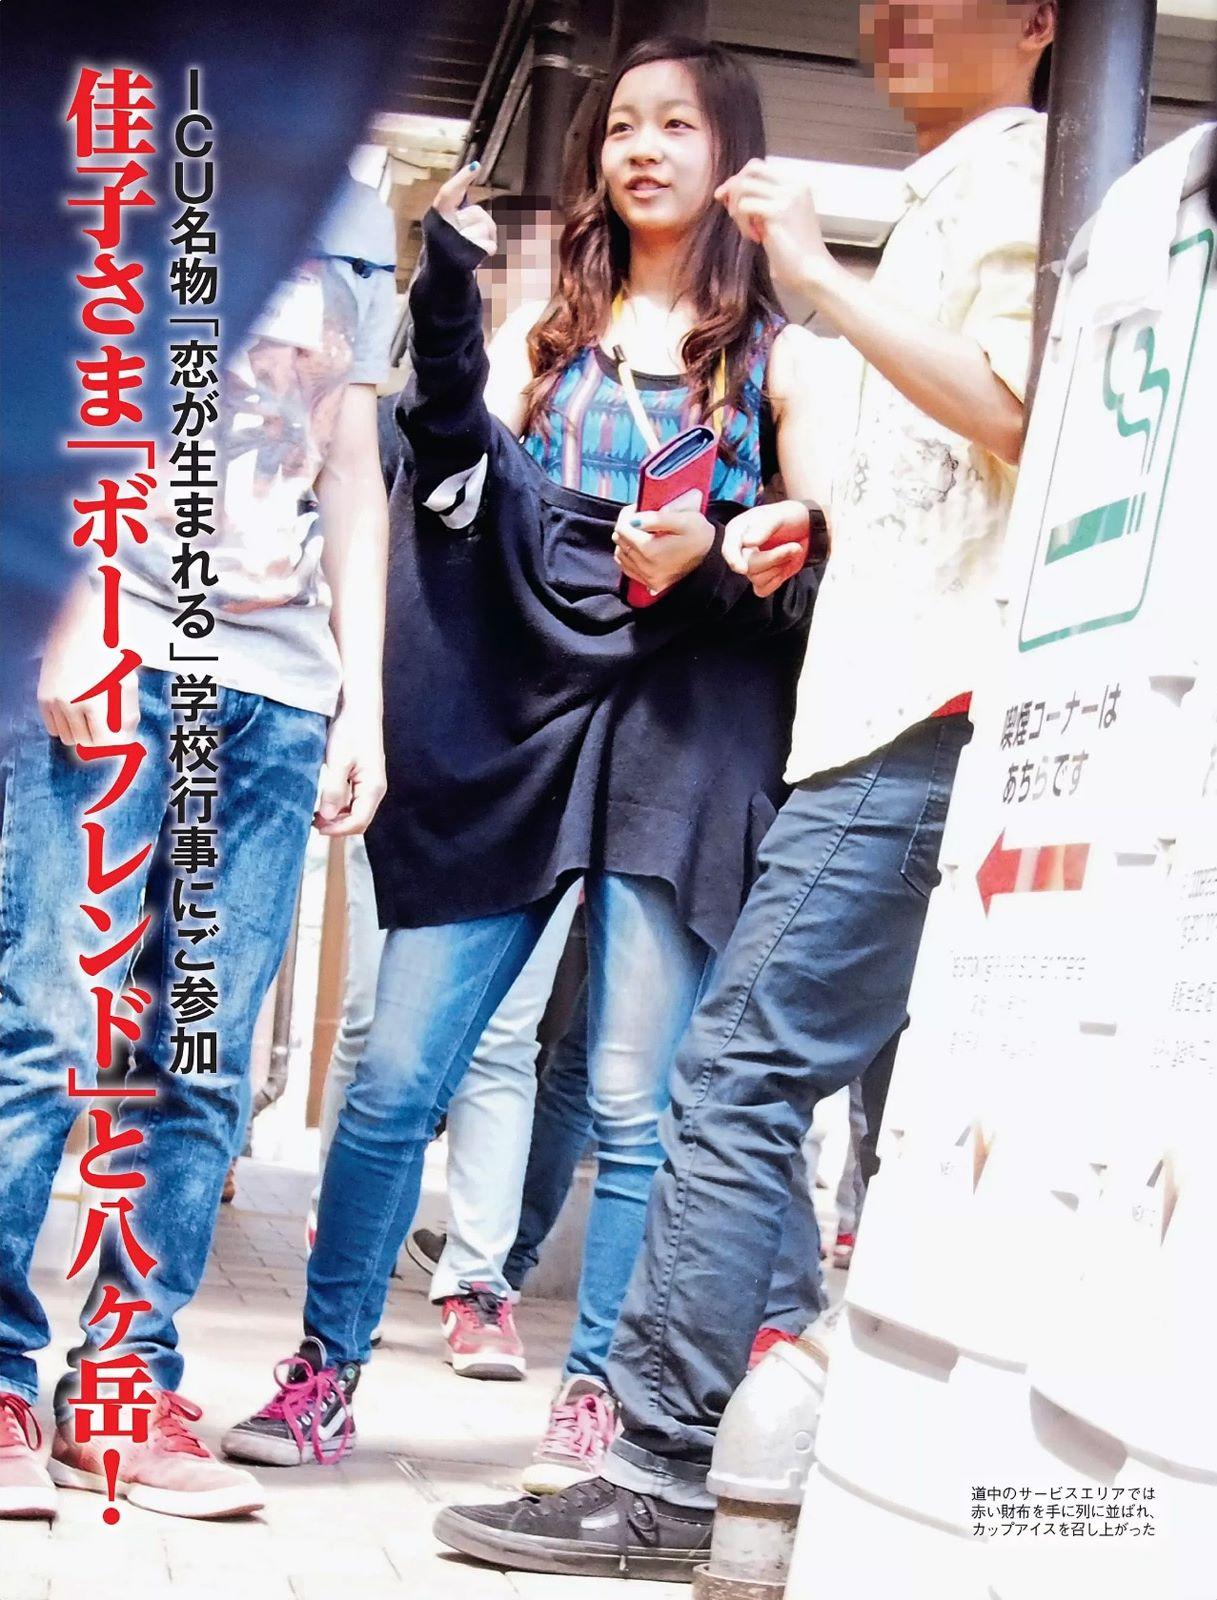 【皇室】眞子さま、ガッチリ体型のイケメンと横浜デート後に東横線でラブラブなご様子 ★2 [無断転載禁止]©2ch.net YouTube動画>11本 ->画像>193枚